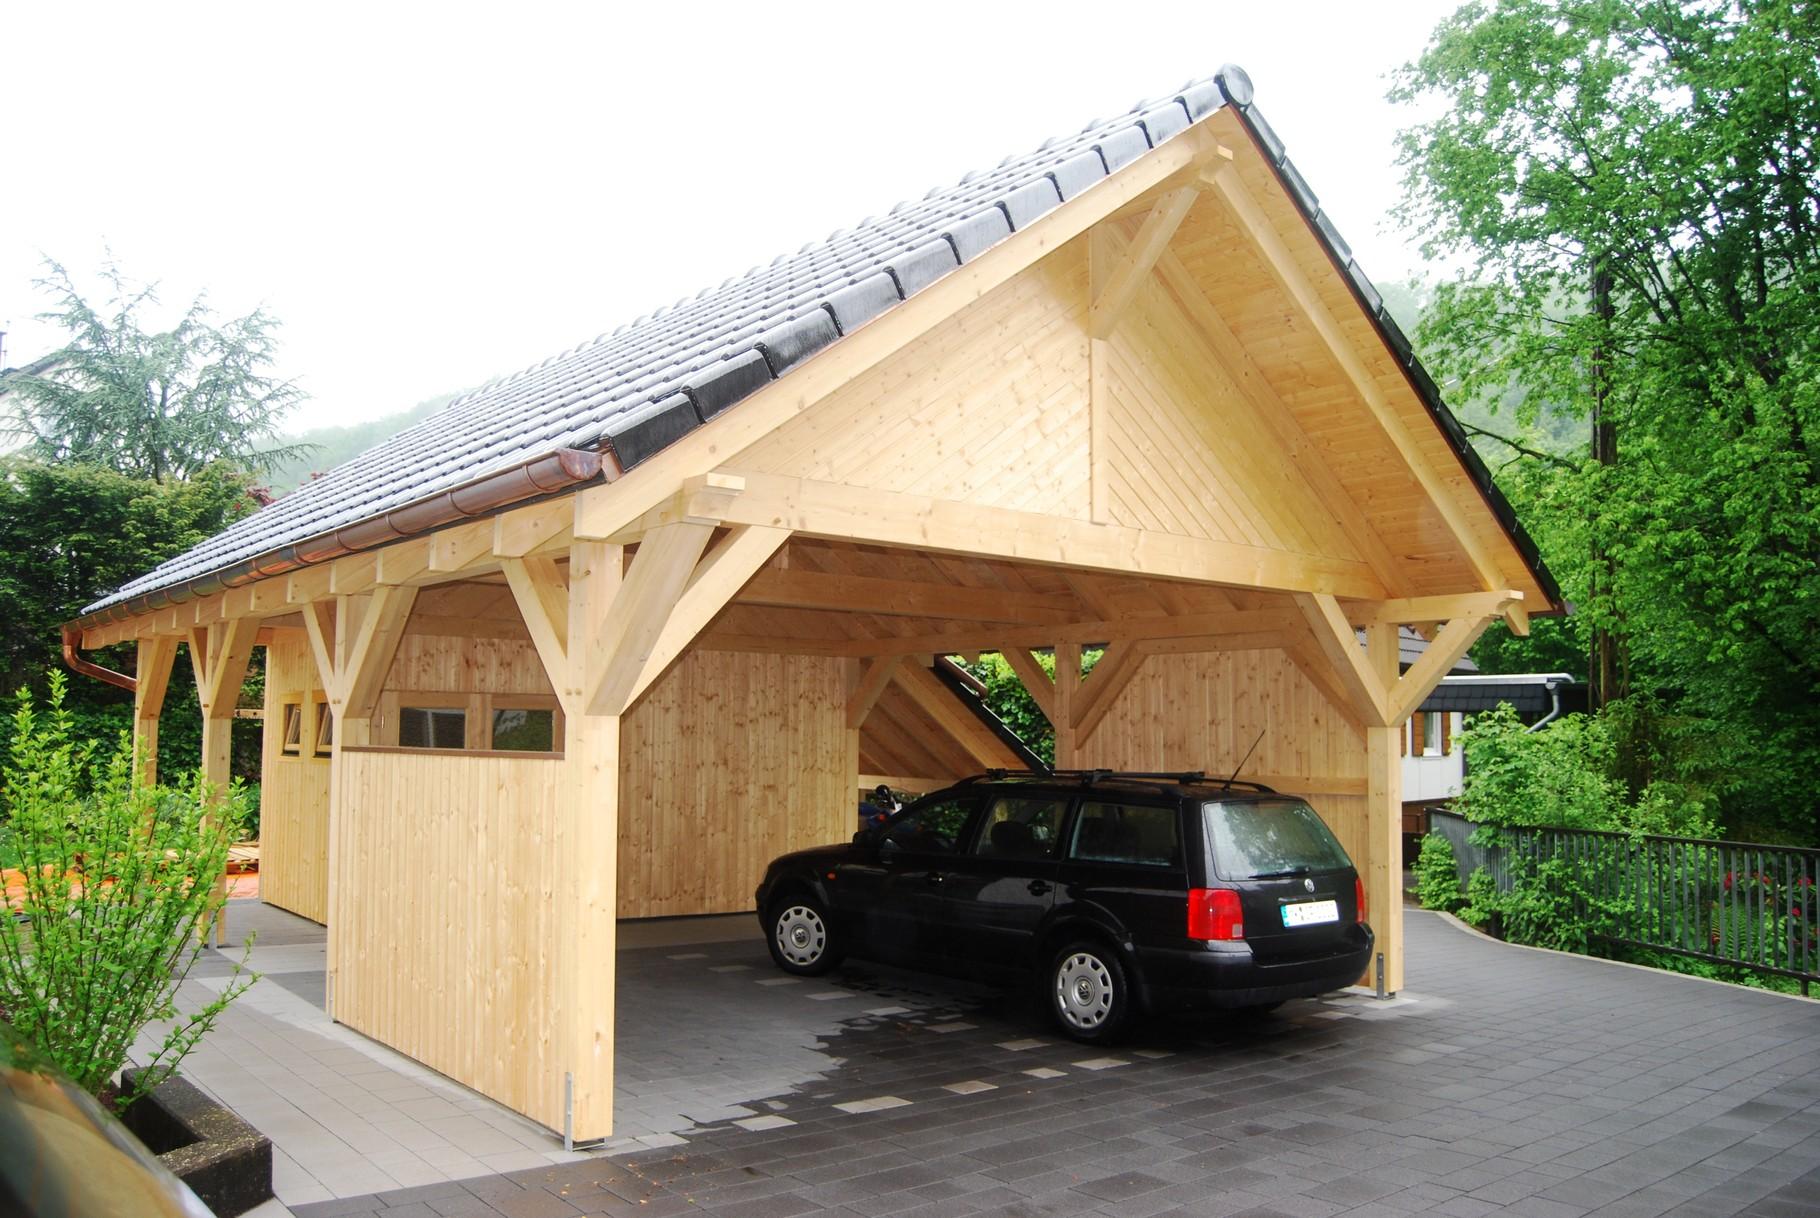 44. Spitzdach Carport Galerie